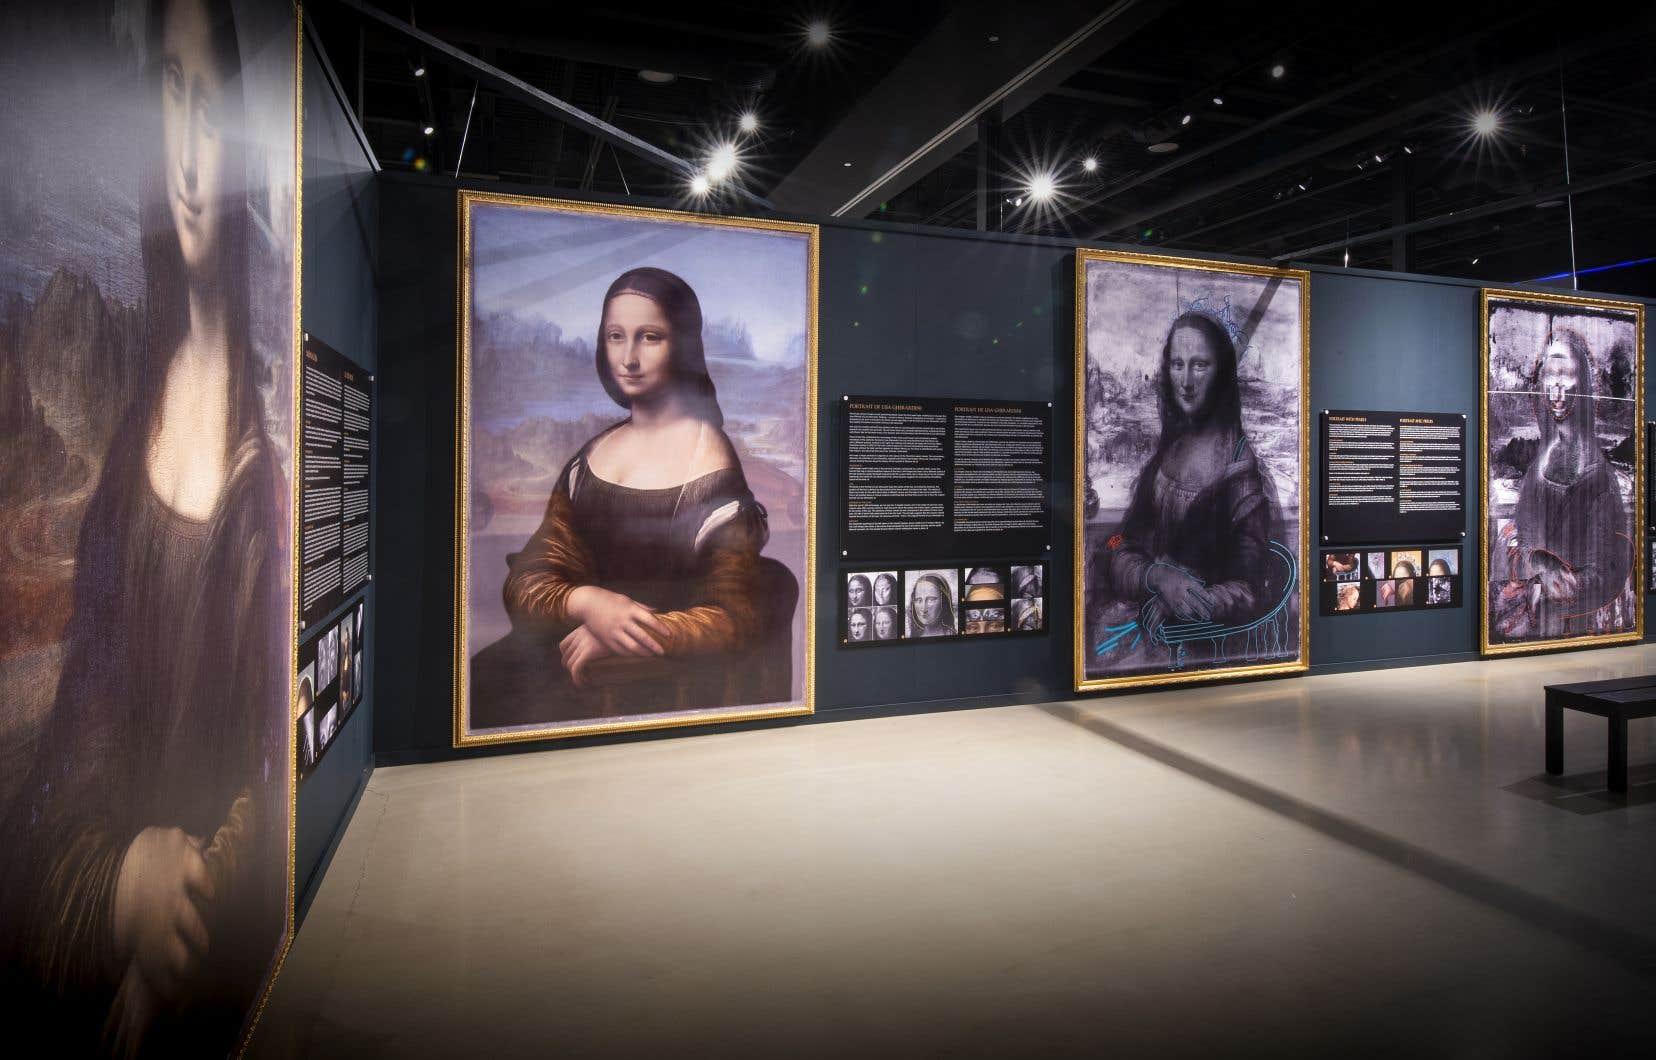 L'exposition comprend une analyse de «La Joconde», l'œuvre la plus célèbre de Leonardo da Vinci.